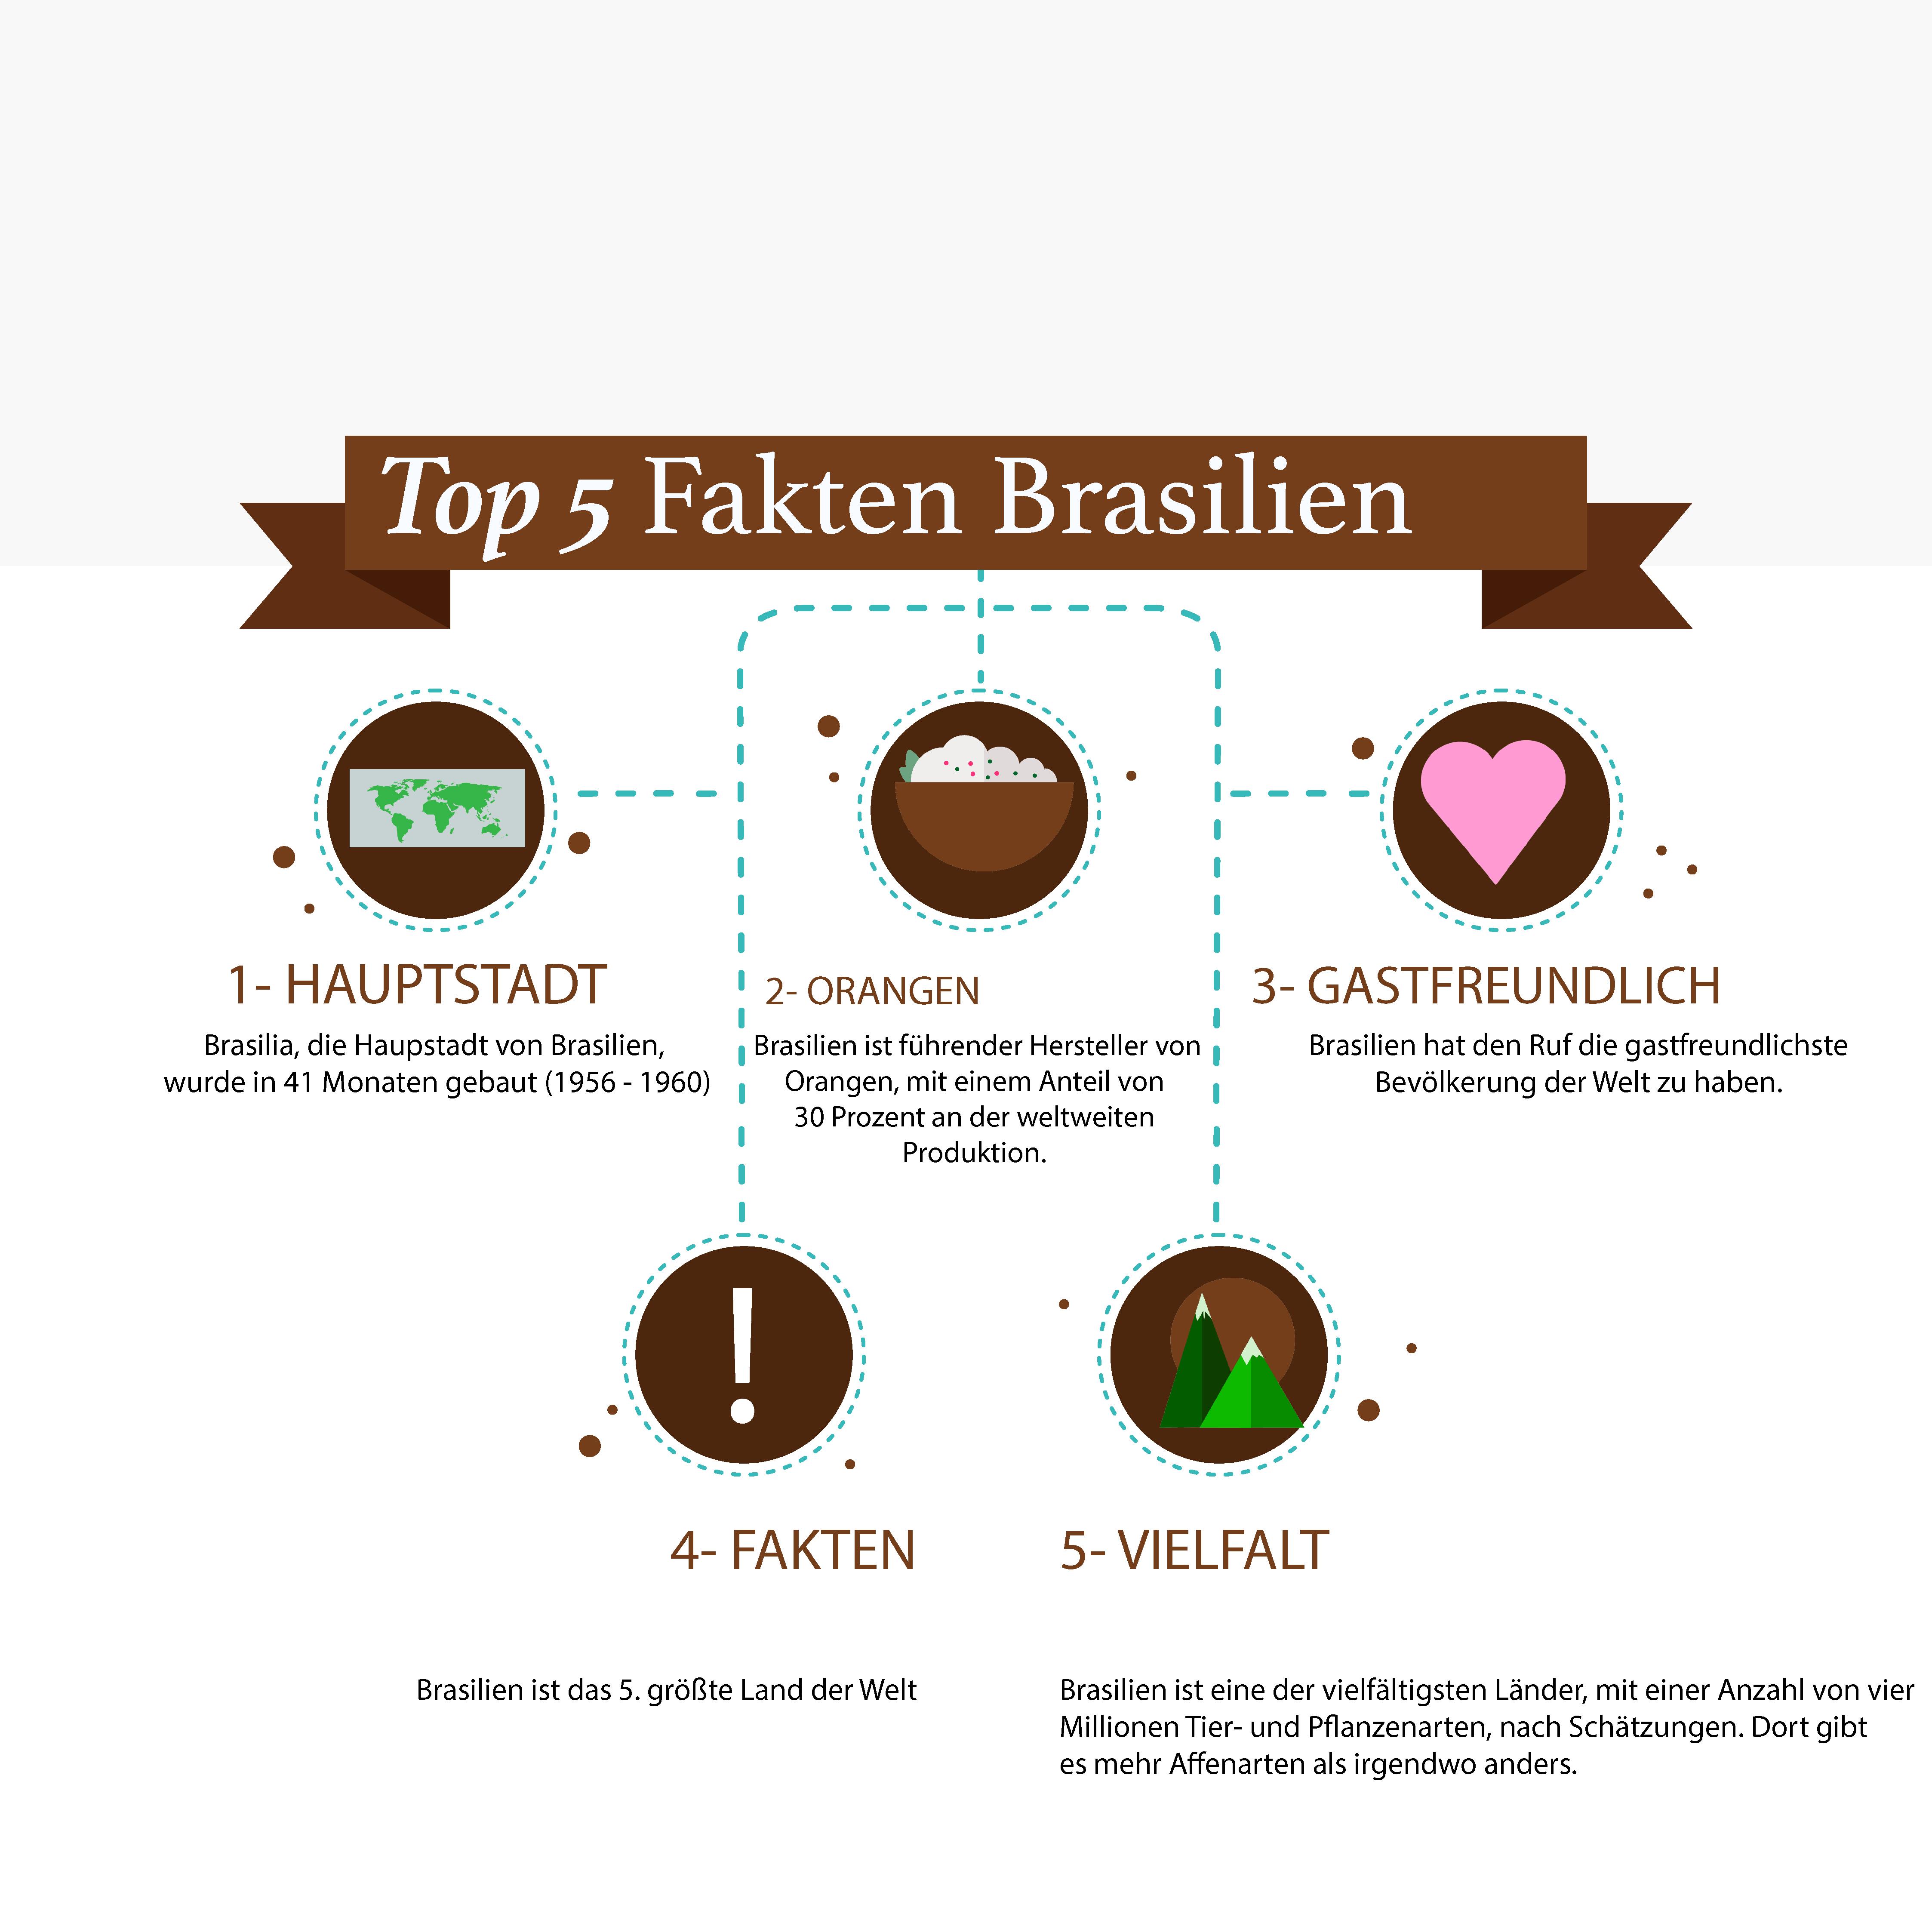 Top 5 Fakten Brasilien